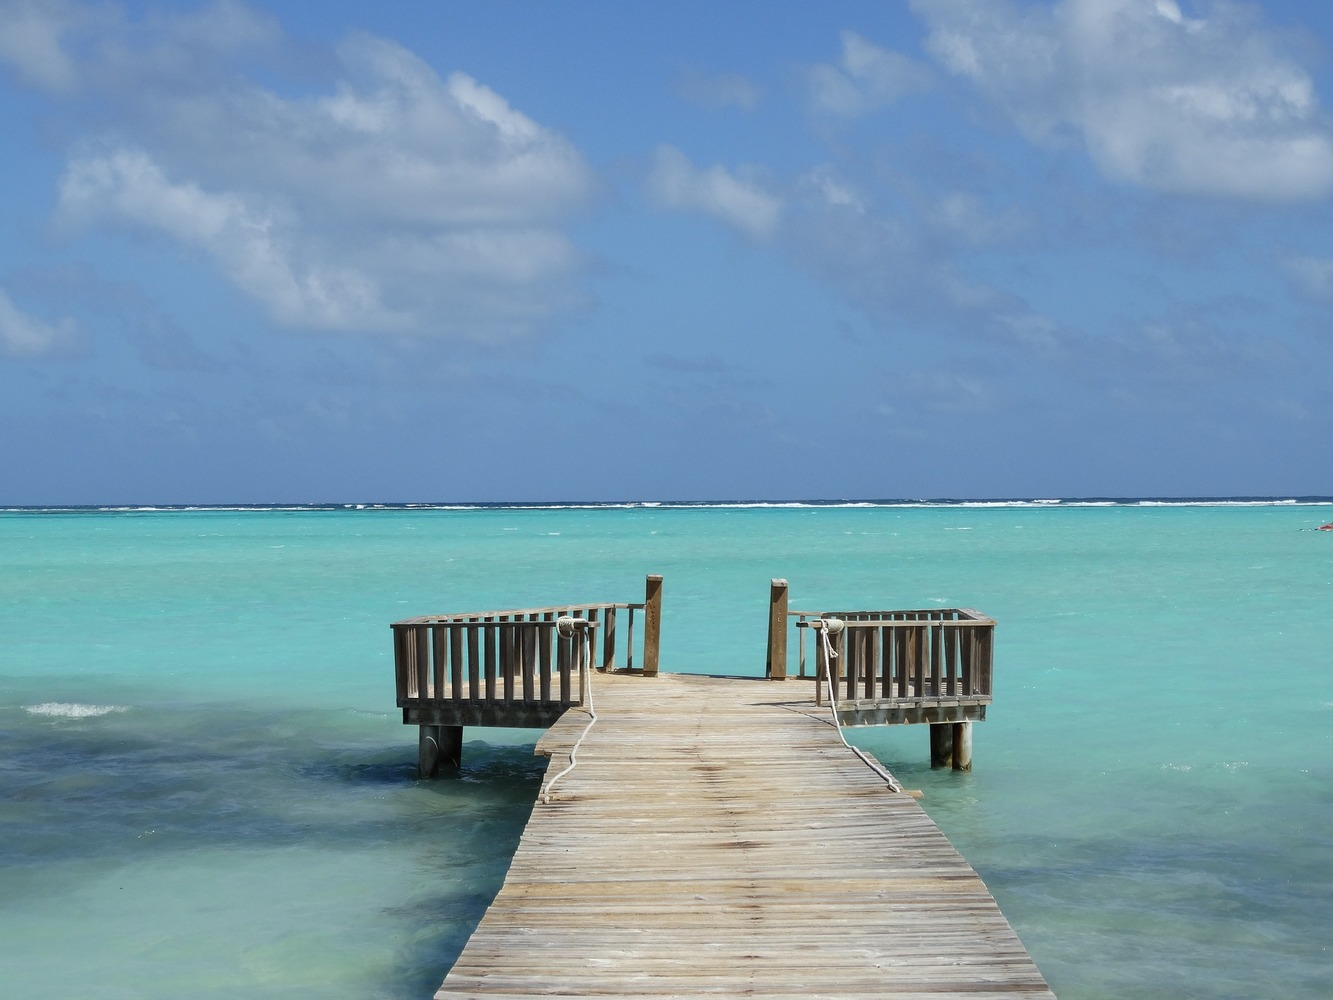 Bonaire: Your Next Vacation Spot